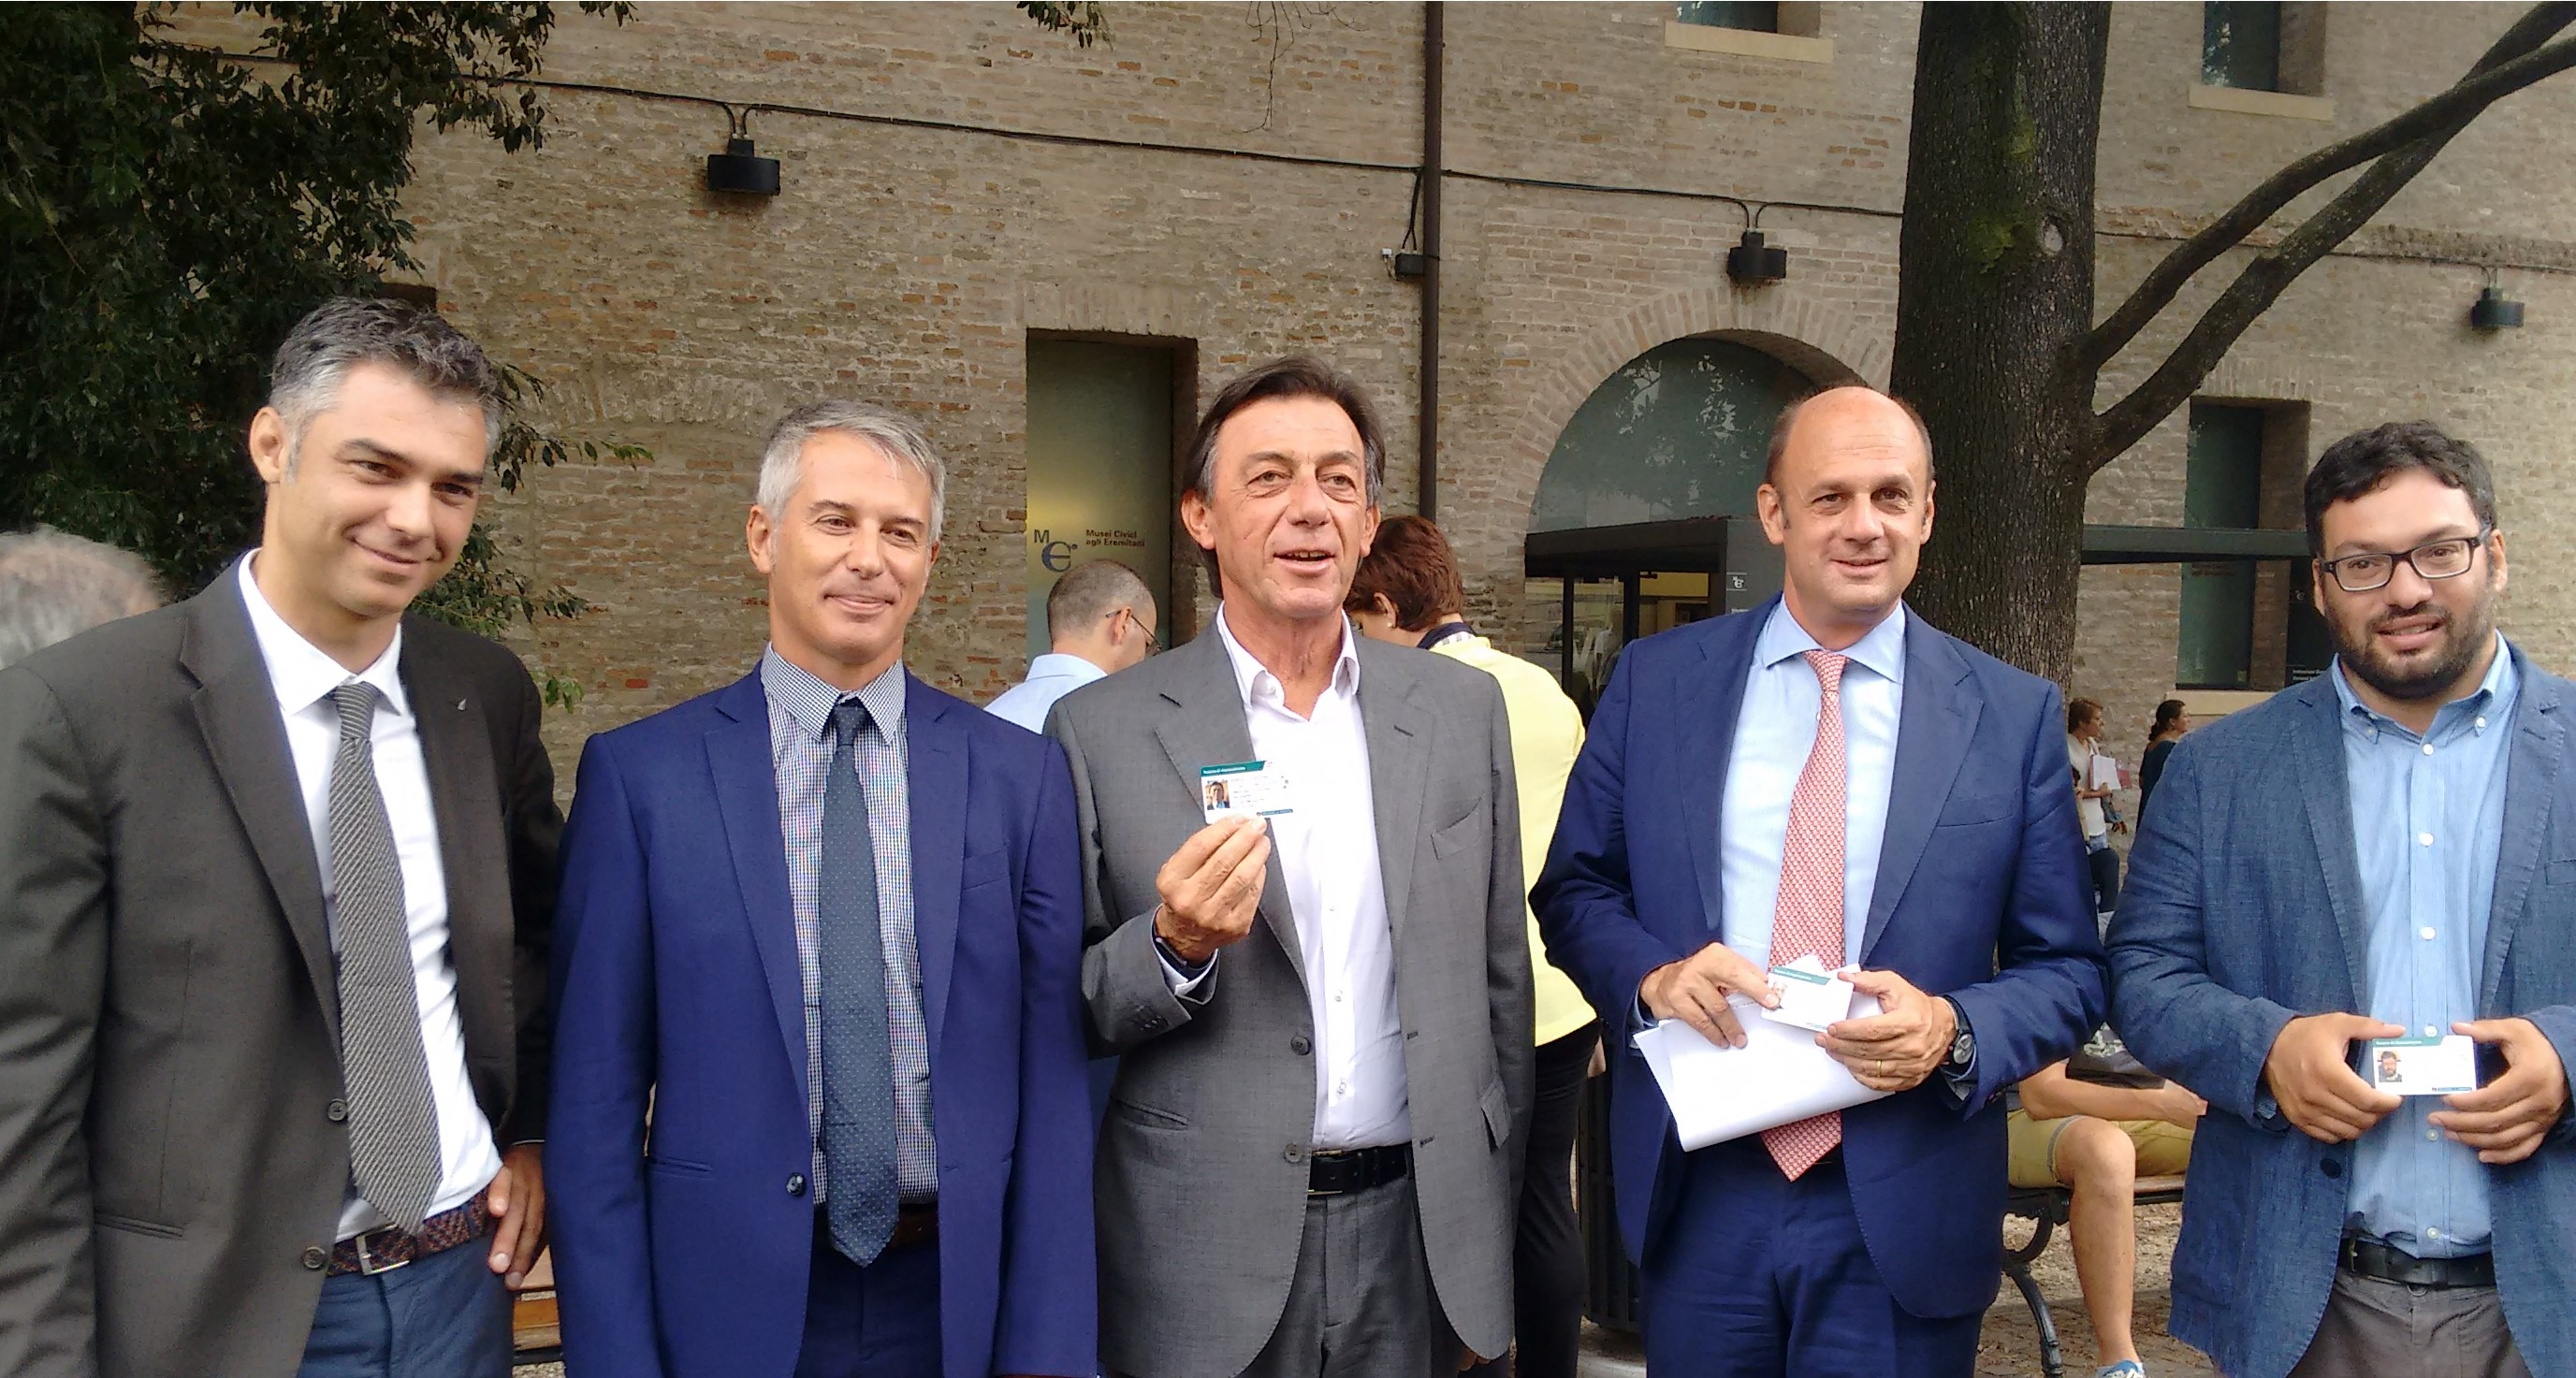 Alì e Bus Italia in partnership, i clienti potranno convertire i punti in viaggi